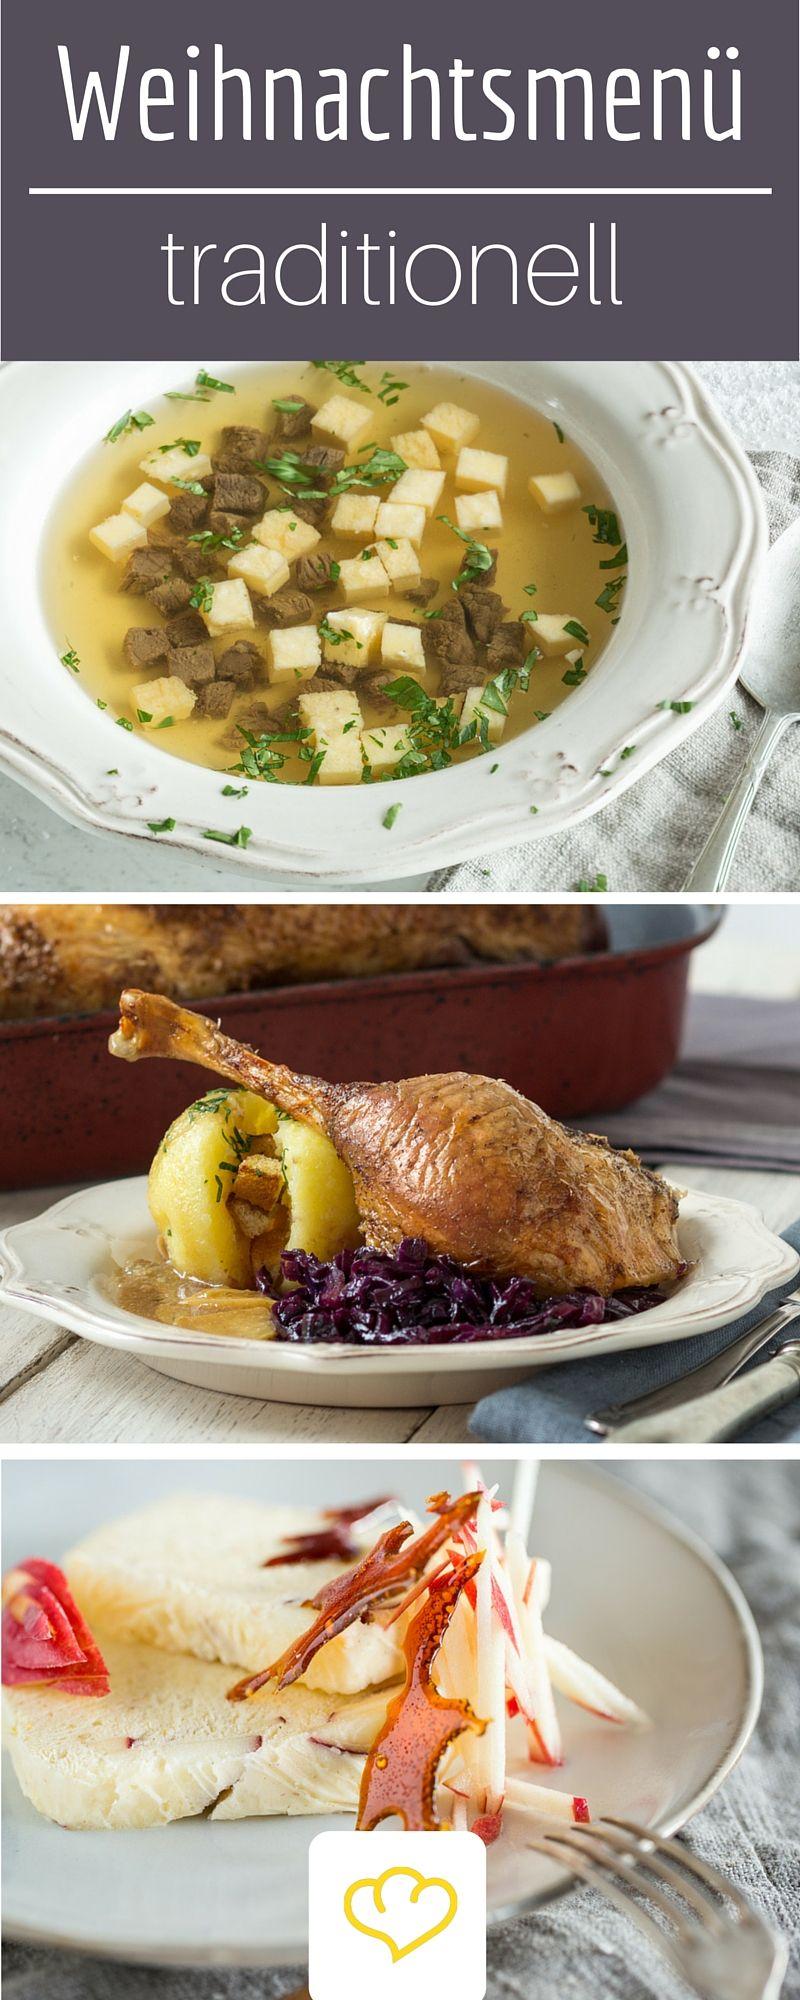 Für den richtigen Weihnachtszauber: 3 Gänge Menü mit einer feinen Rinderbrühe, Gänsebraten und Apfel-Zimt-Parfait